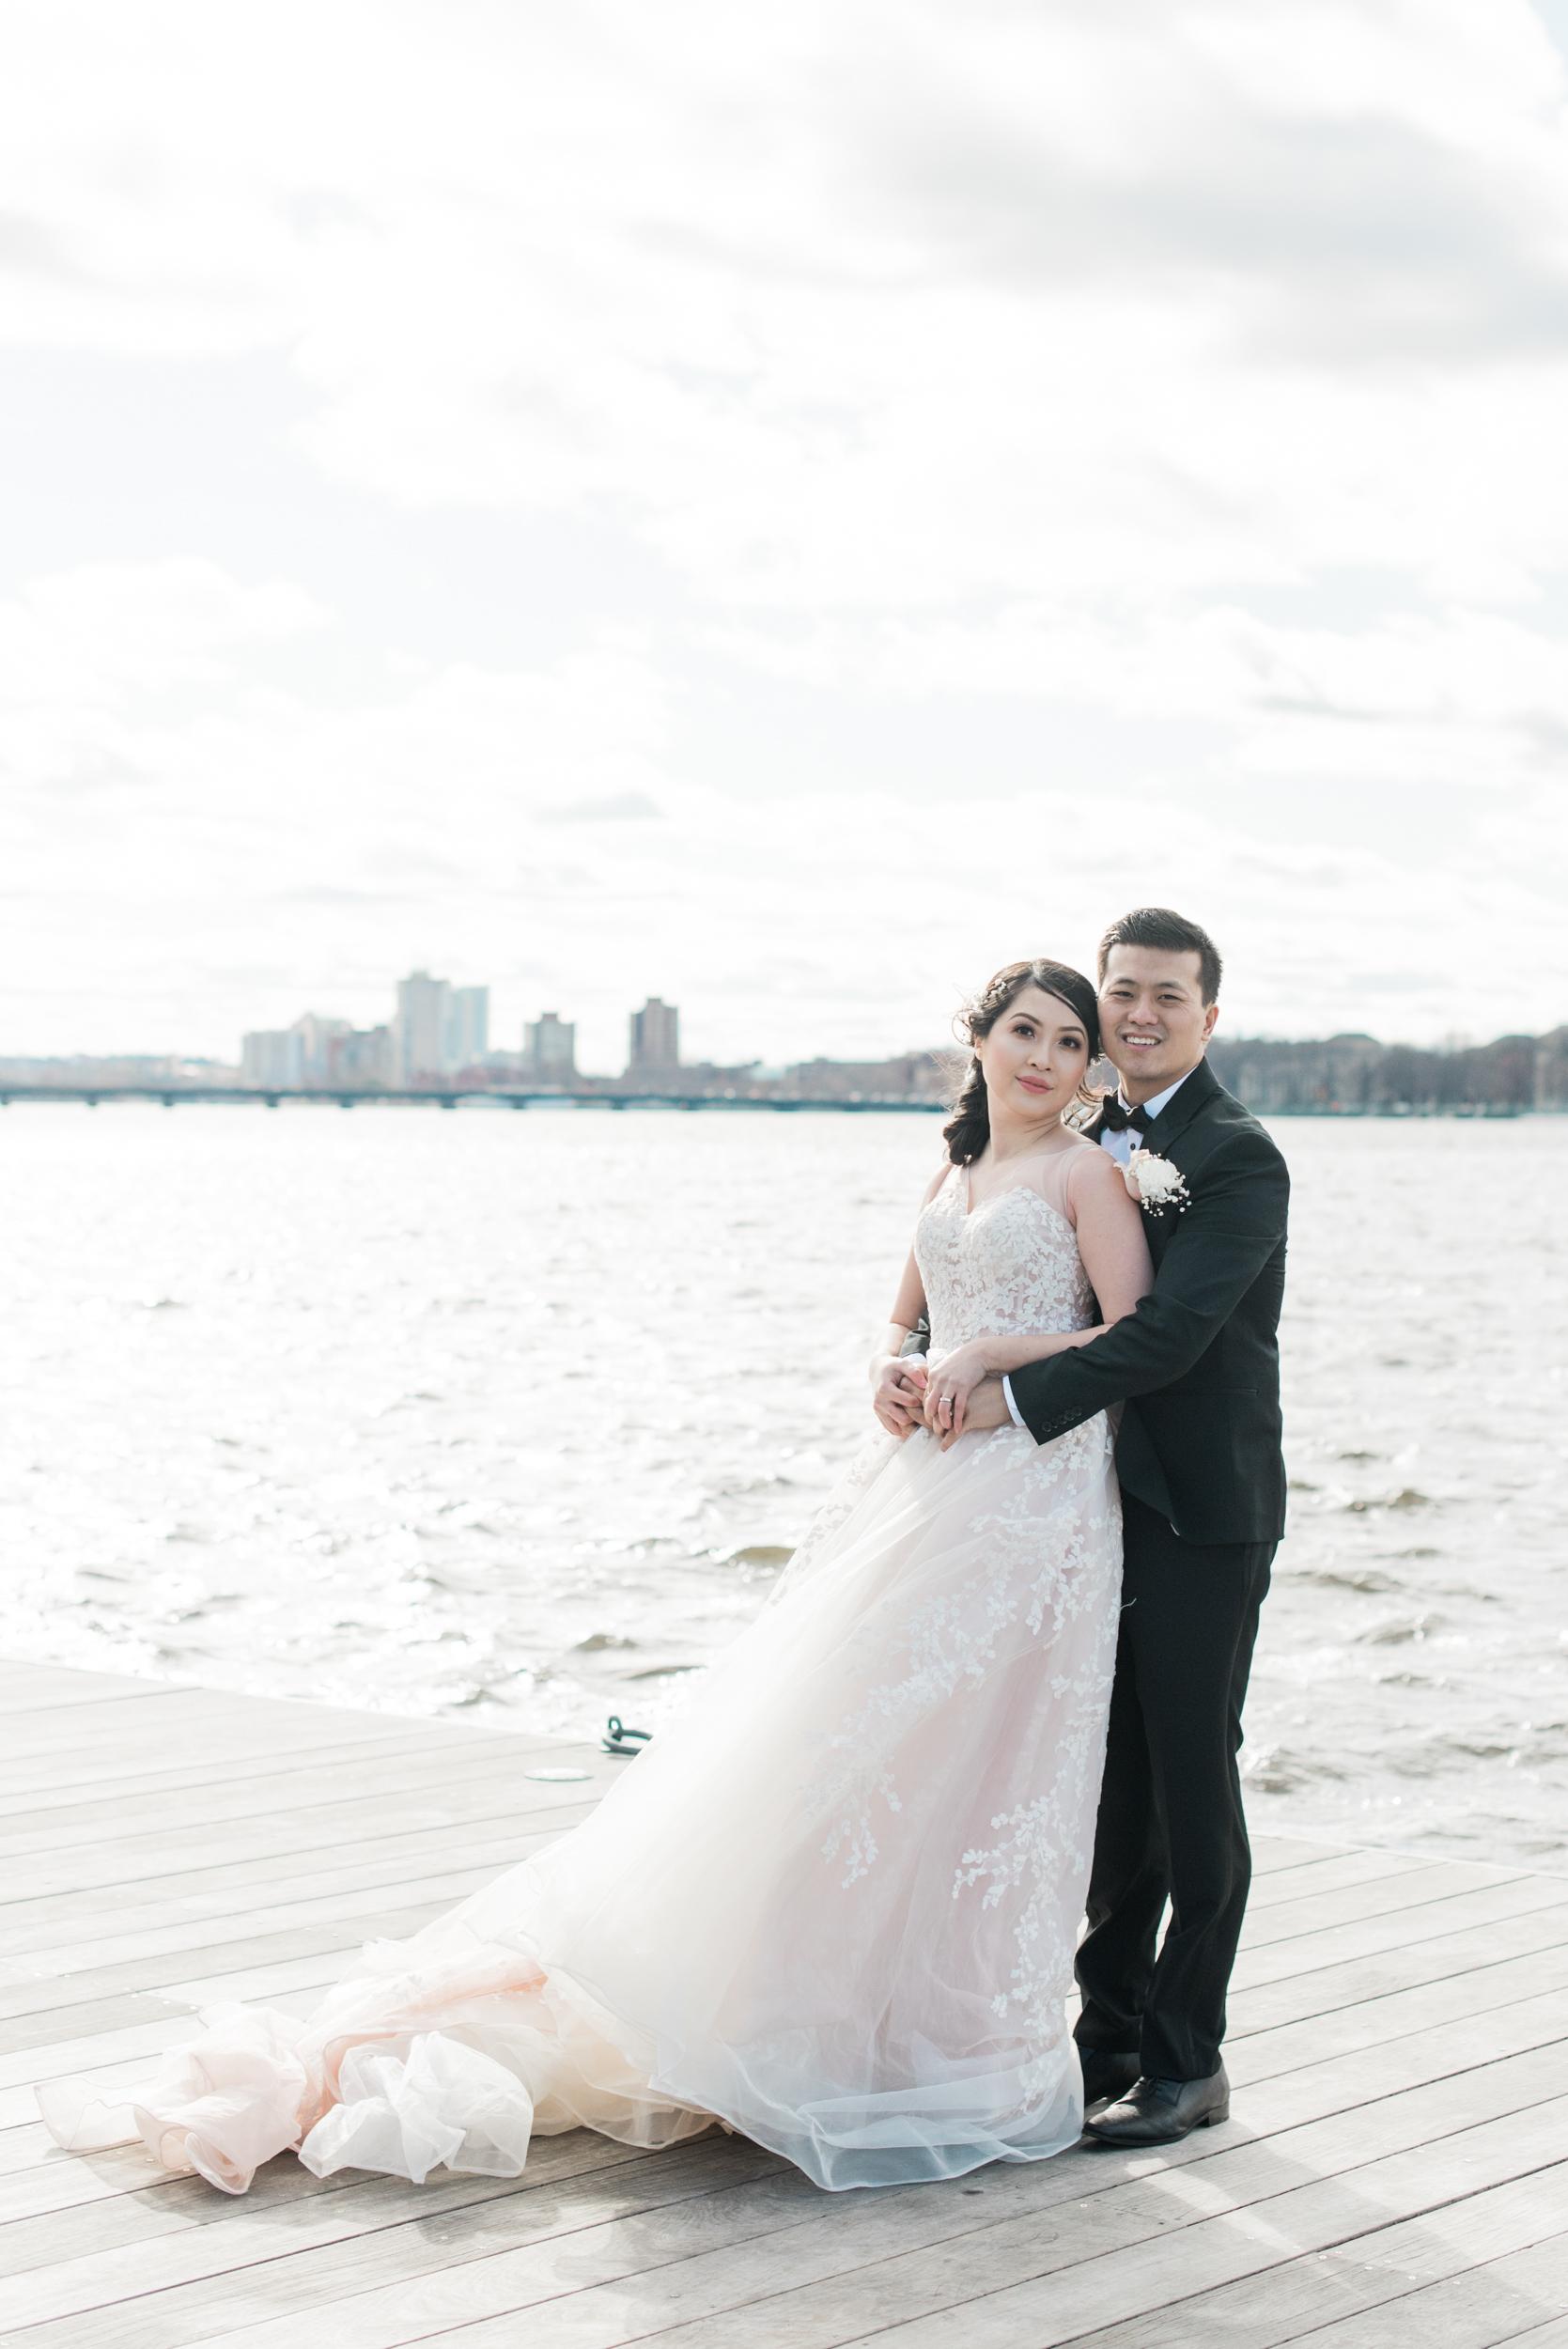 Wedding Photography in Stockbridge